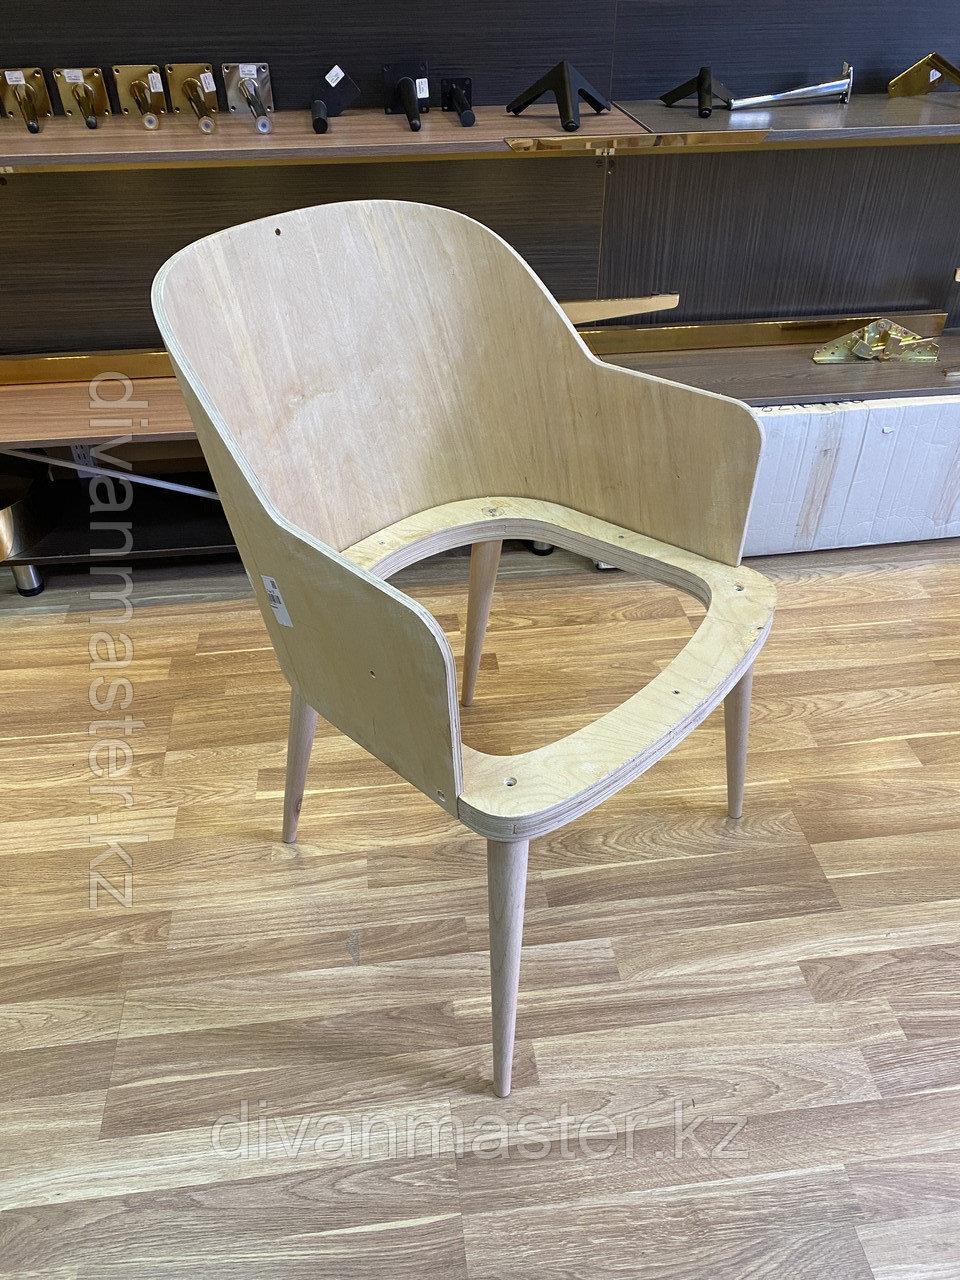 Каркас для кресла  - Sorento